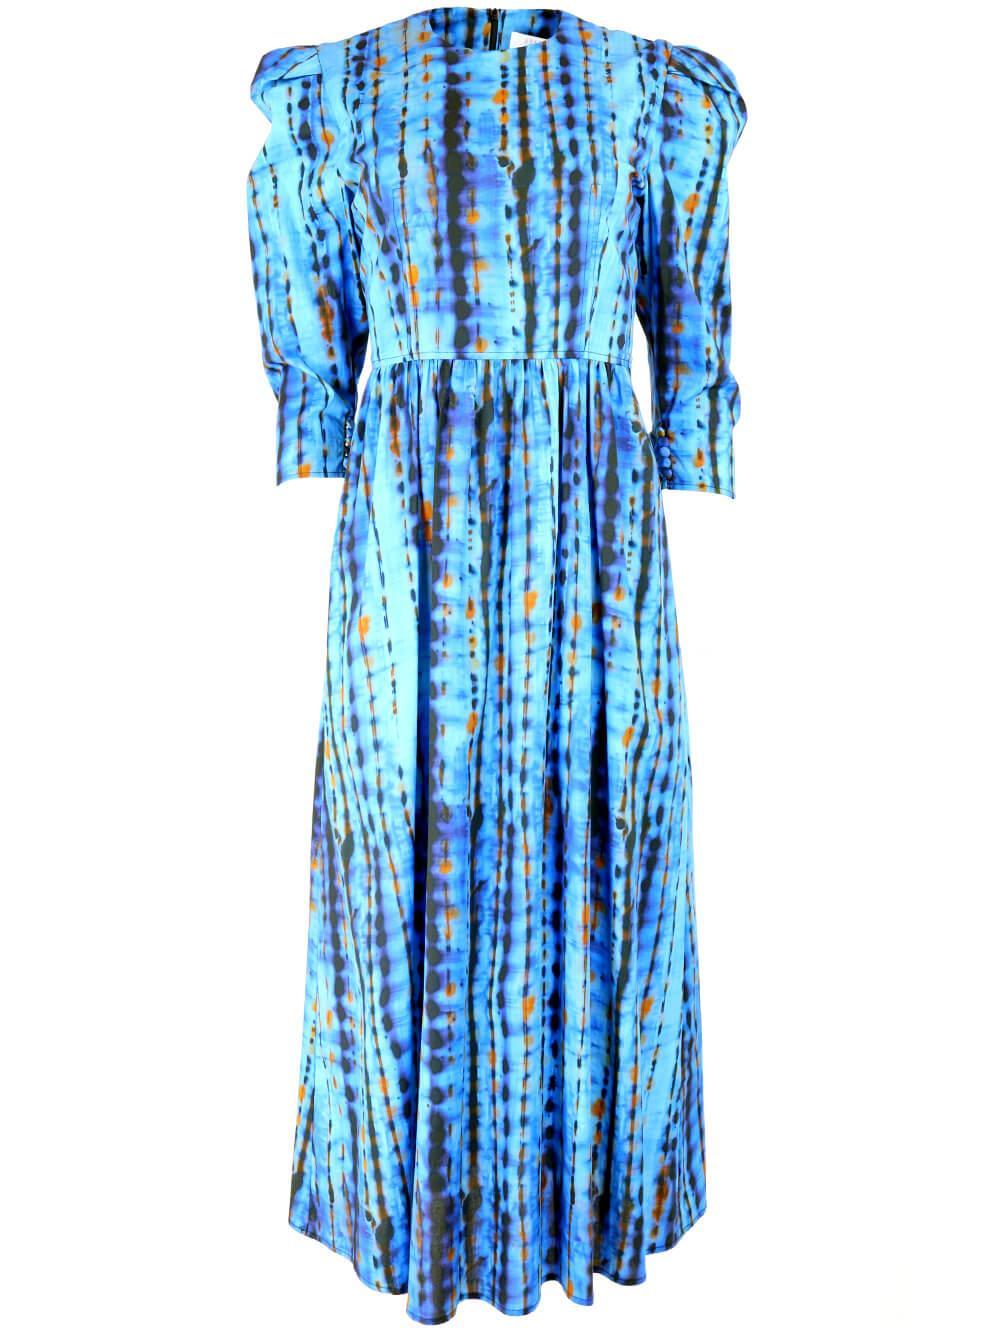 Patterson Dress